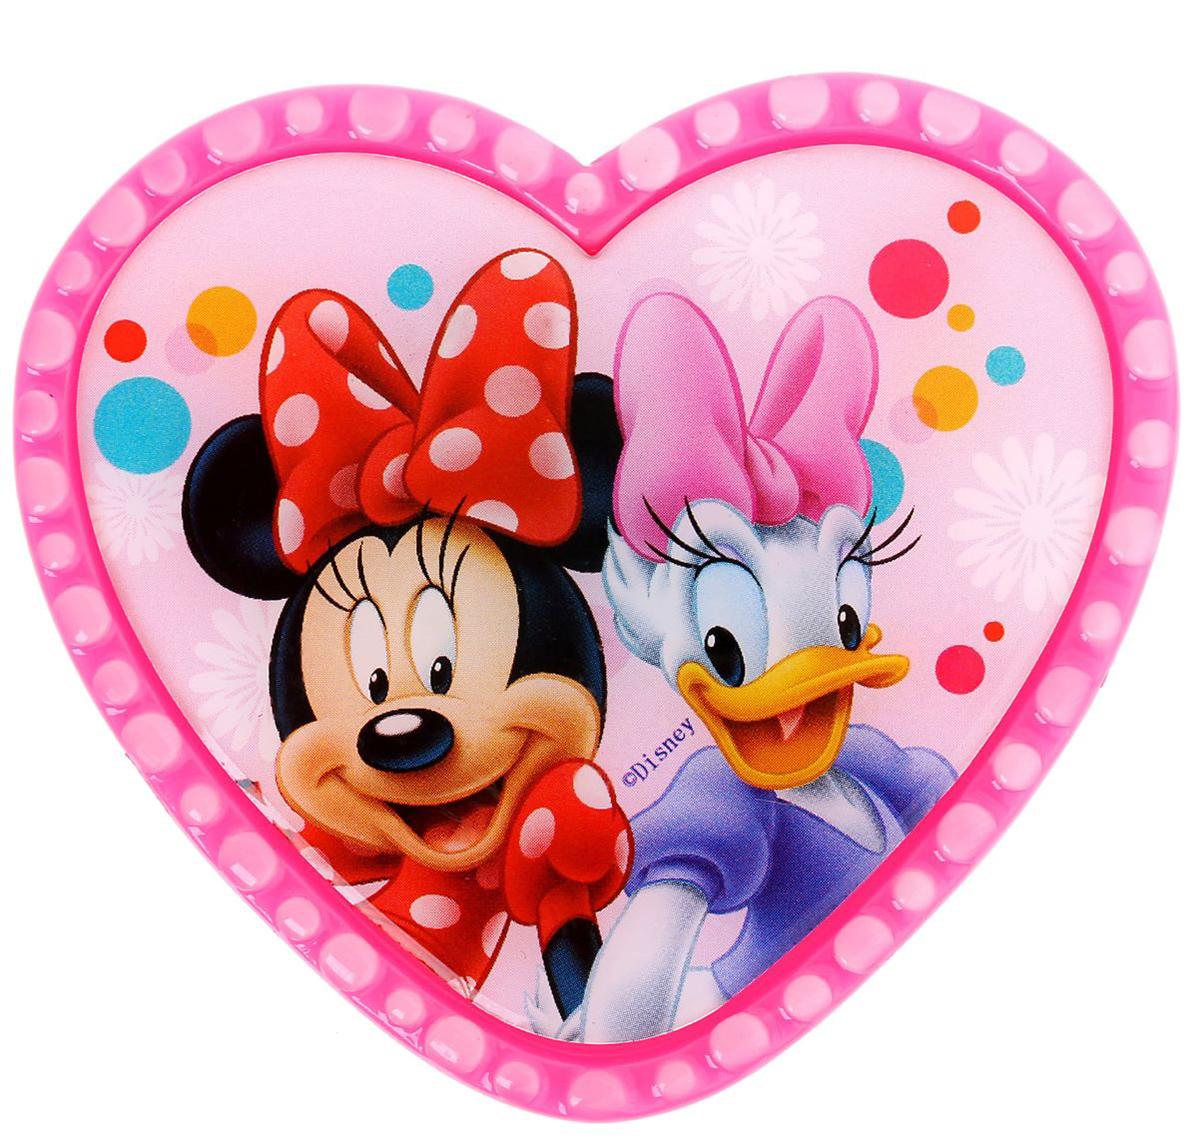 Магнит-рамка Disney Минни и Дэйзи, 6,8 х 6,1 см. 12568481256848;1256848Дарите радость с Disney. Удивите малышей уникальным сувениром с любимым персонажем! Он порадует ребёнка стильным дизайном и ярким исполнением. Красочный акриловый магнит будет долгие годы украшать холодильник или другую металлическую поверхность. Изделие дополнено оригинальной открыткой, где можно написать тёплые слова и сделать маленький подарок более личным. Соберите коллекцию аксессуаров с любимыми героями!